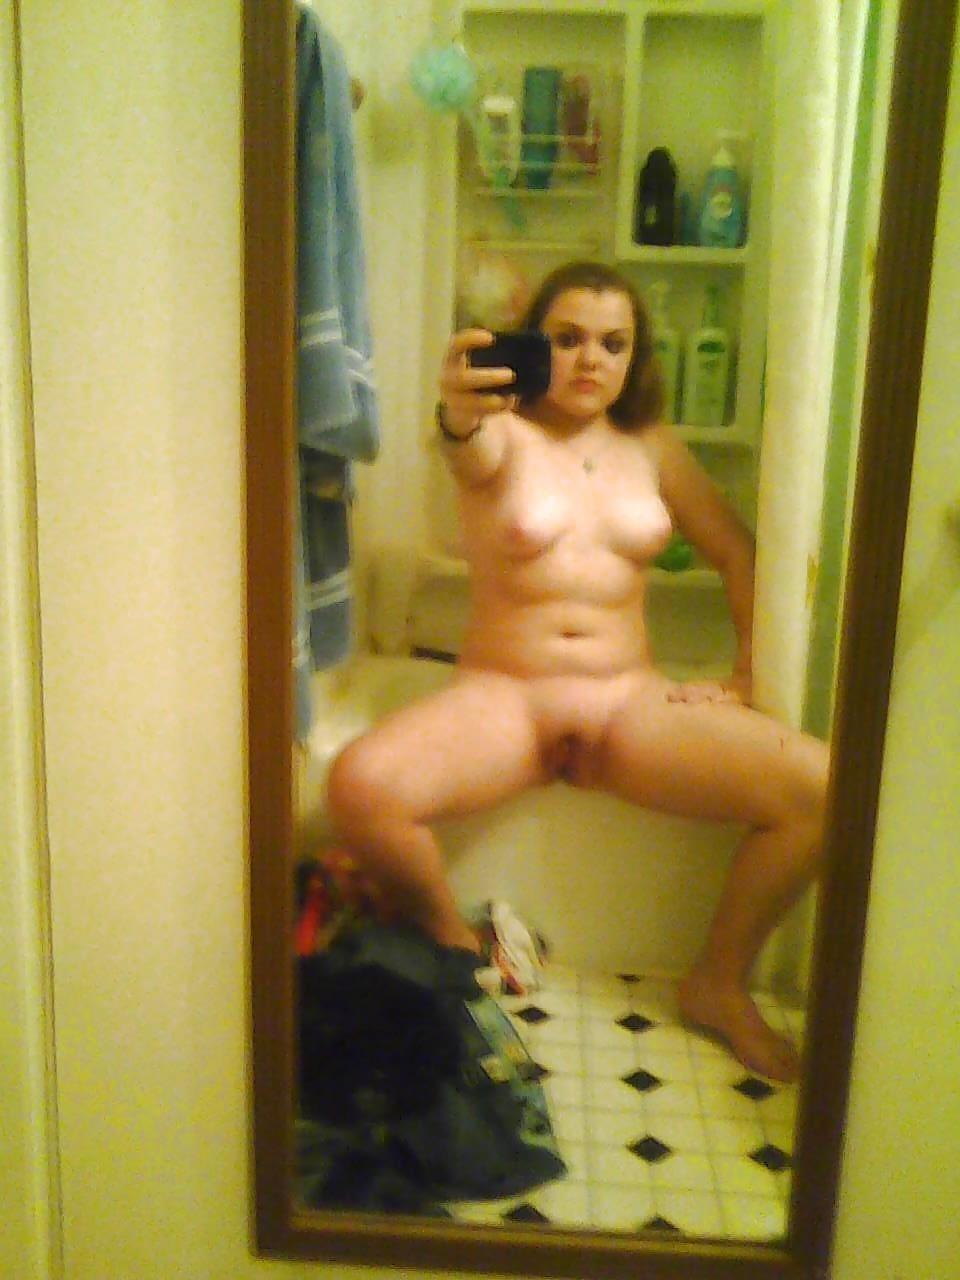 High school teen nude selfie-2387